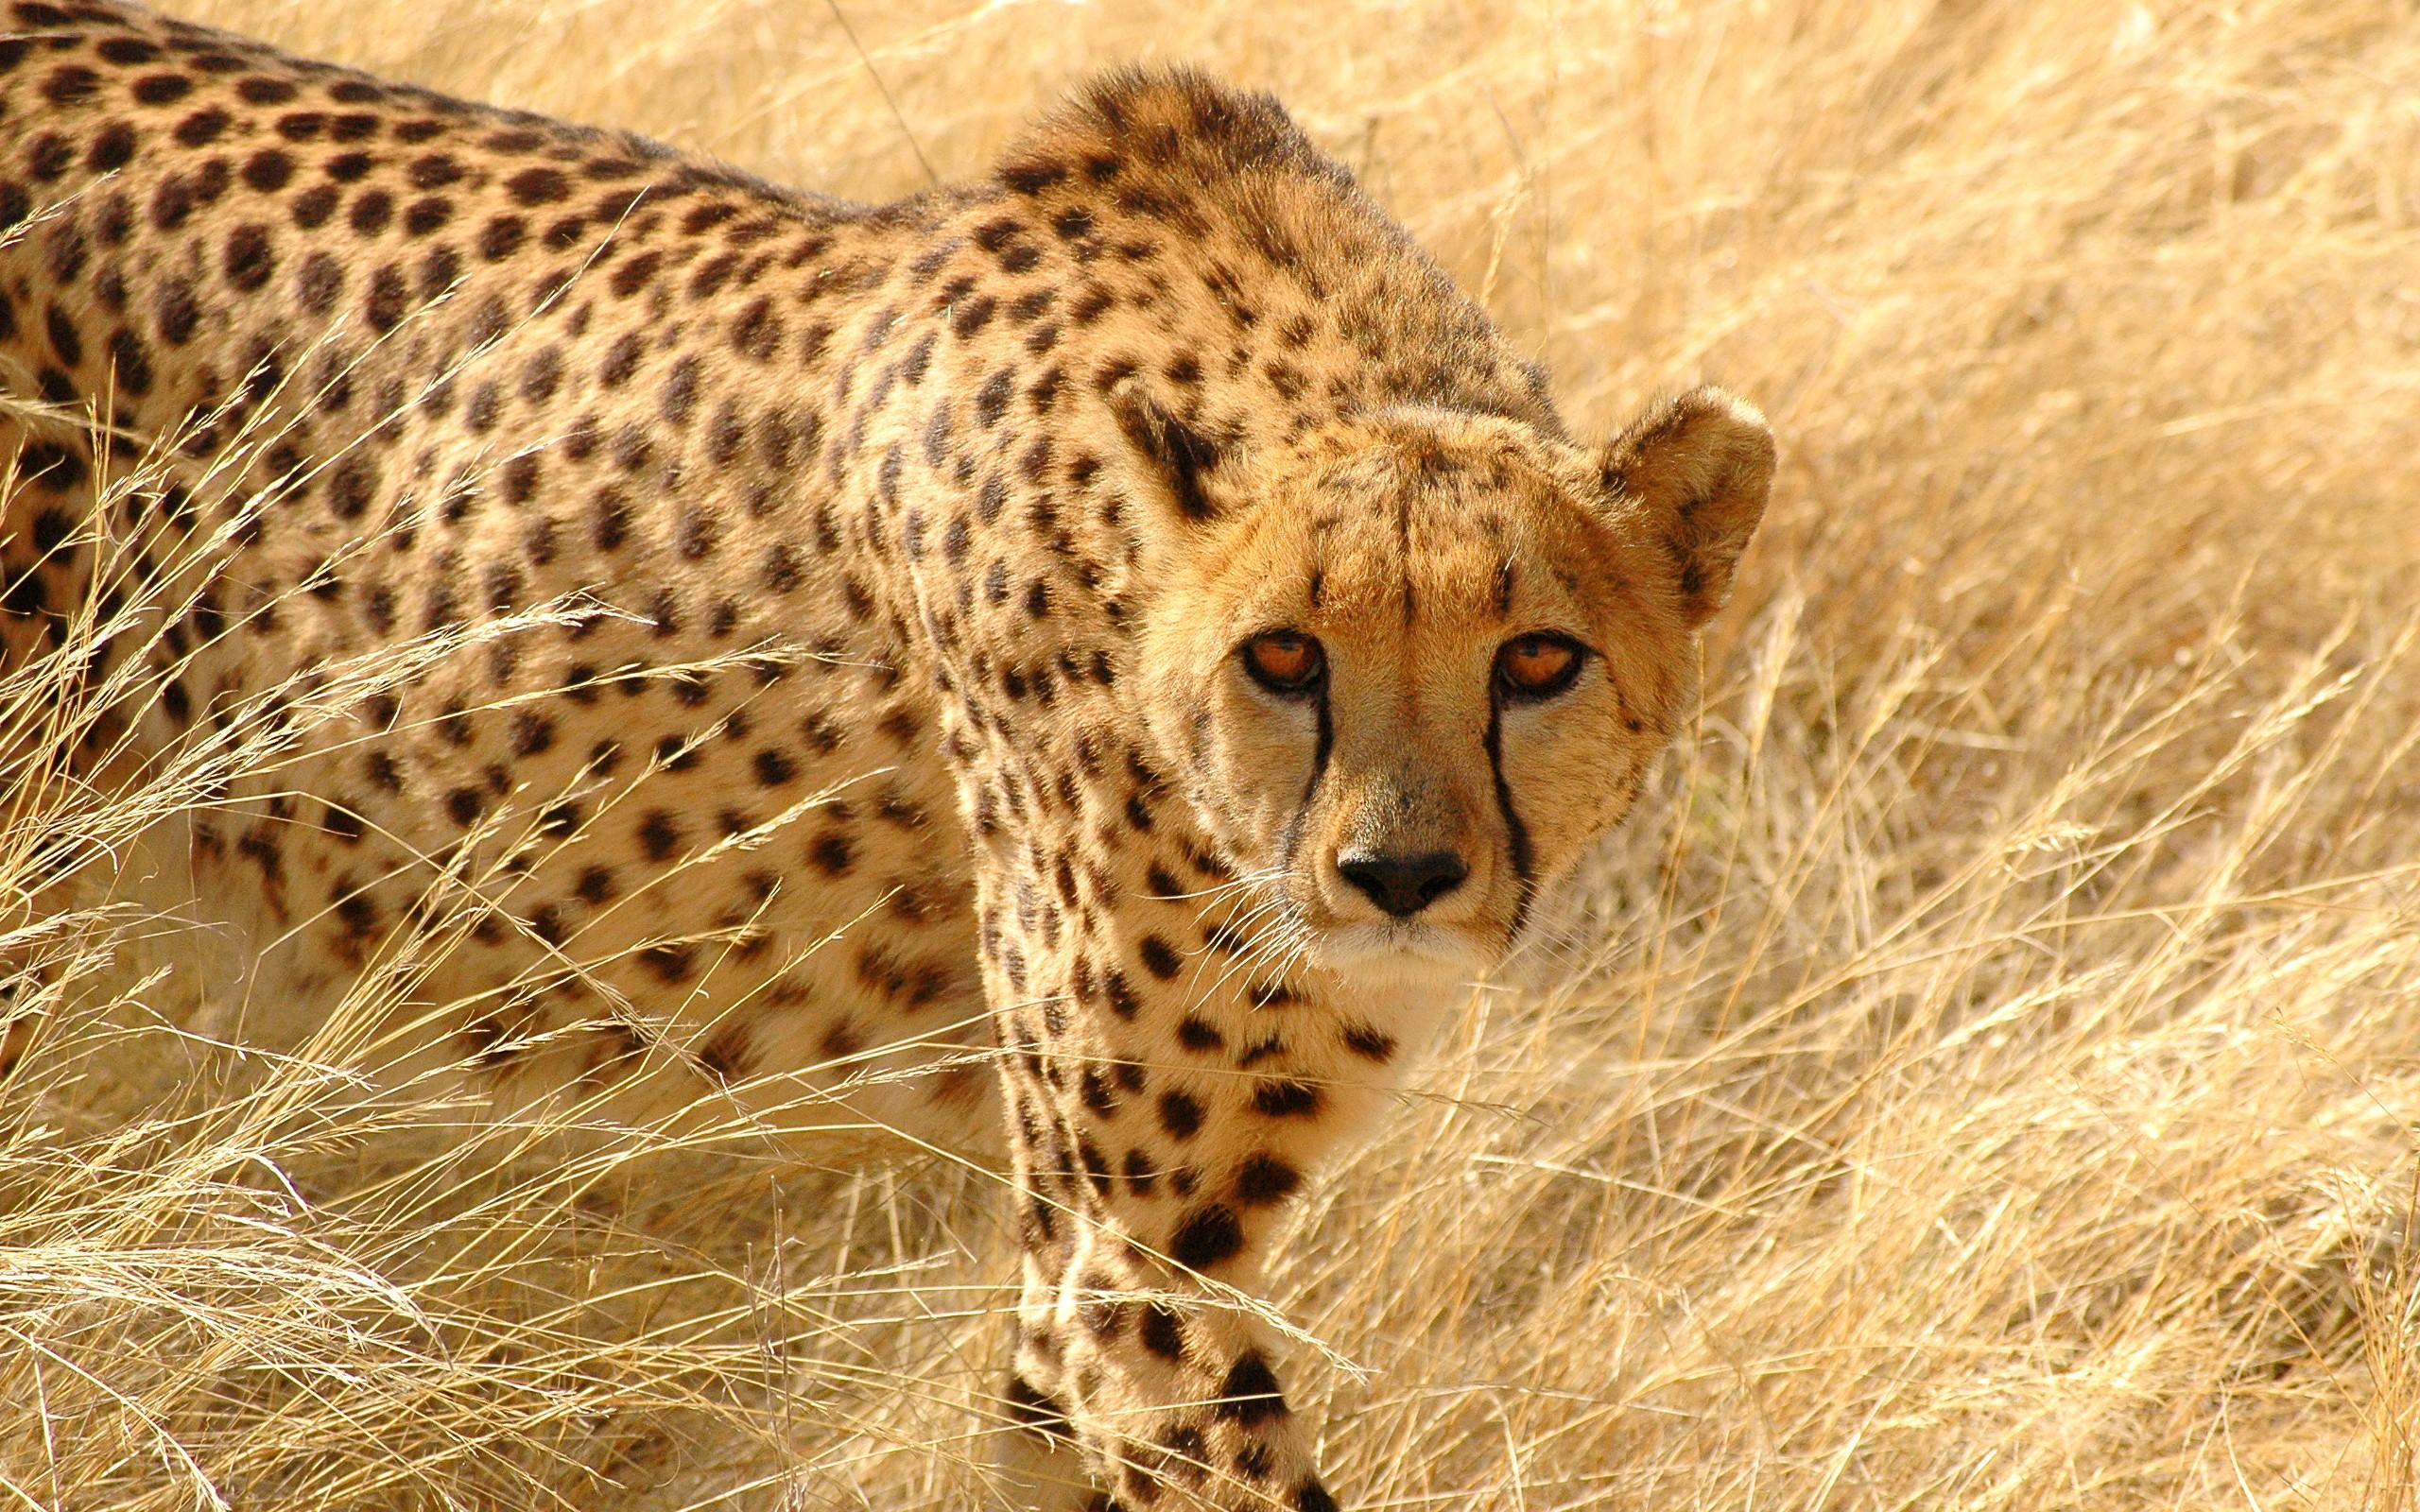 cheetah wallpapers hd